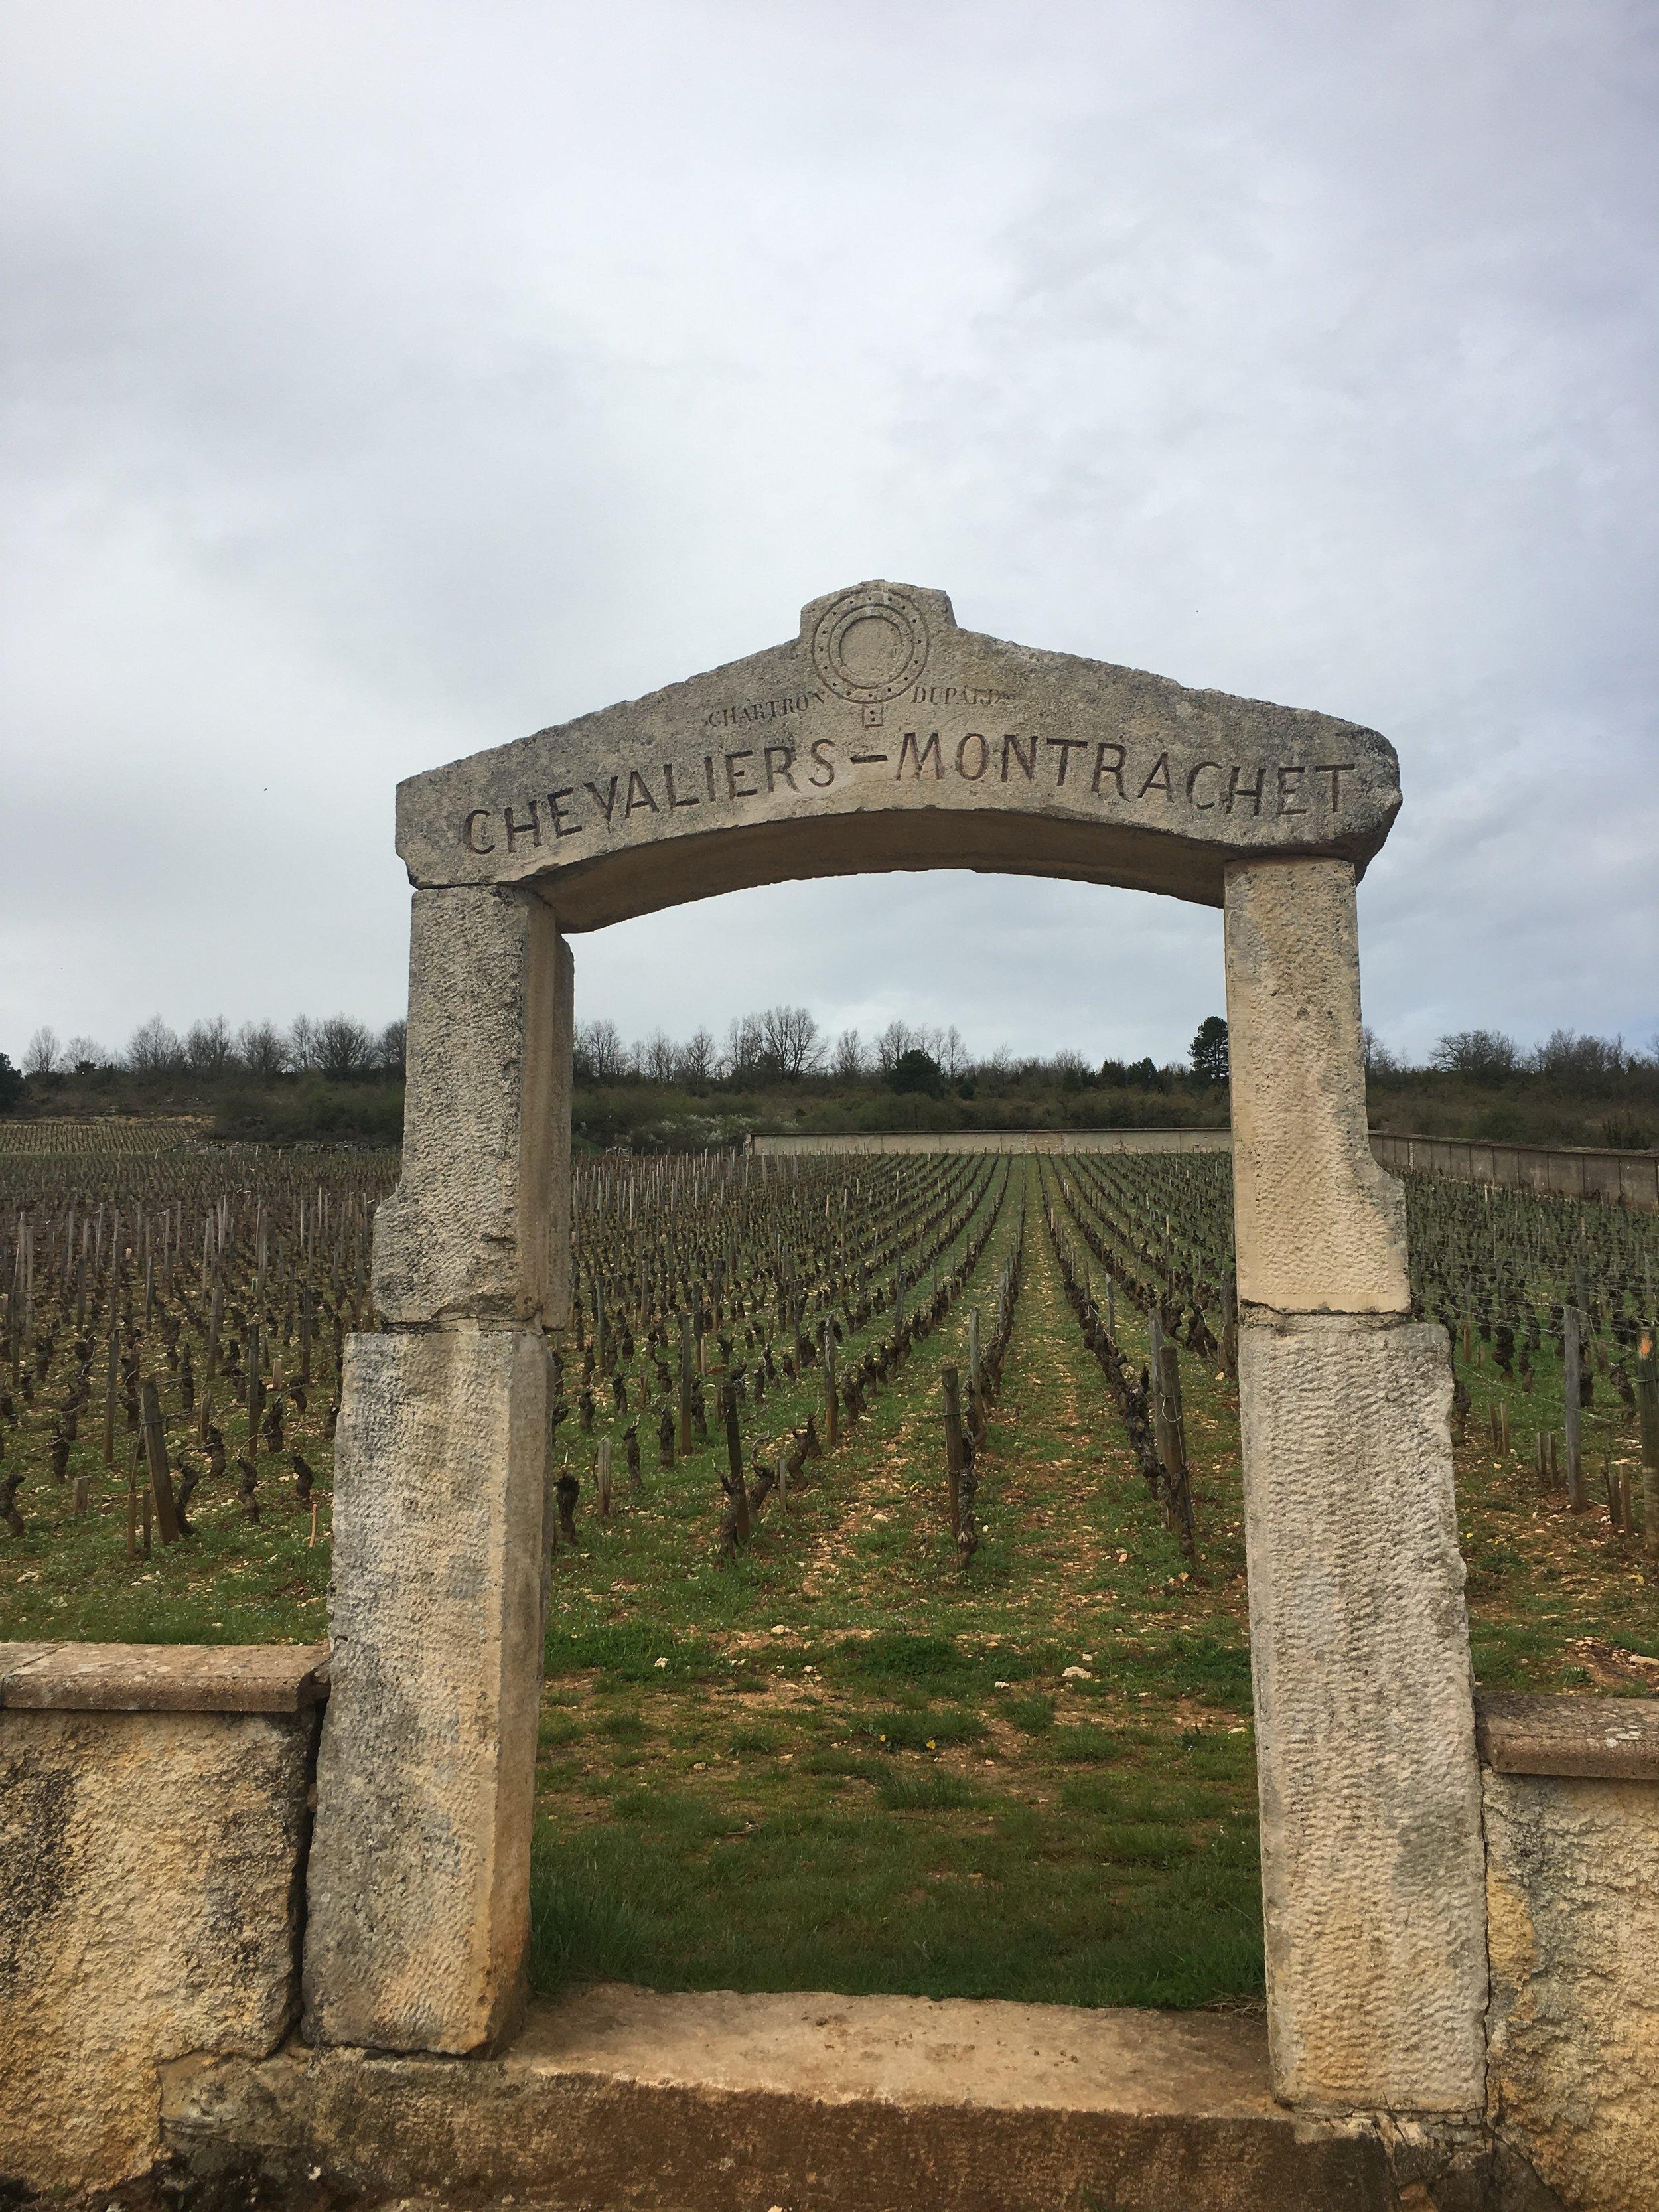 The legendary Chevalier-Montrachet vineyard